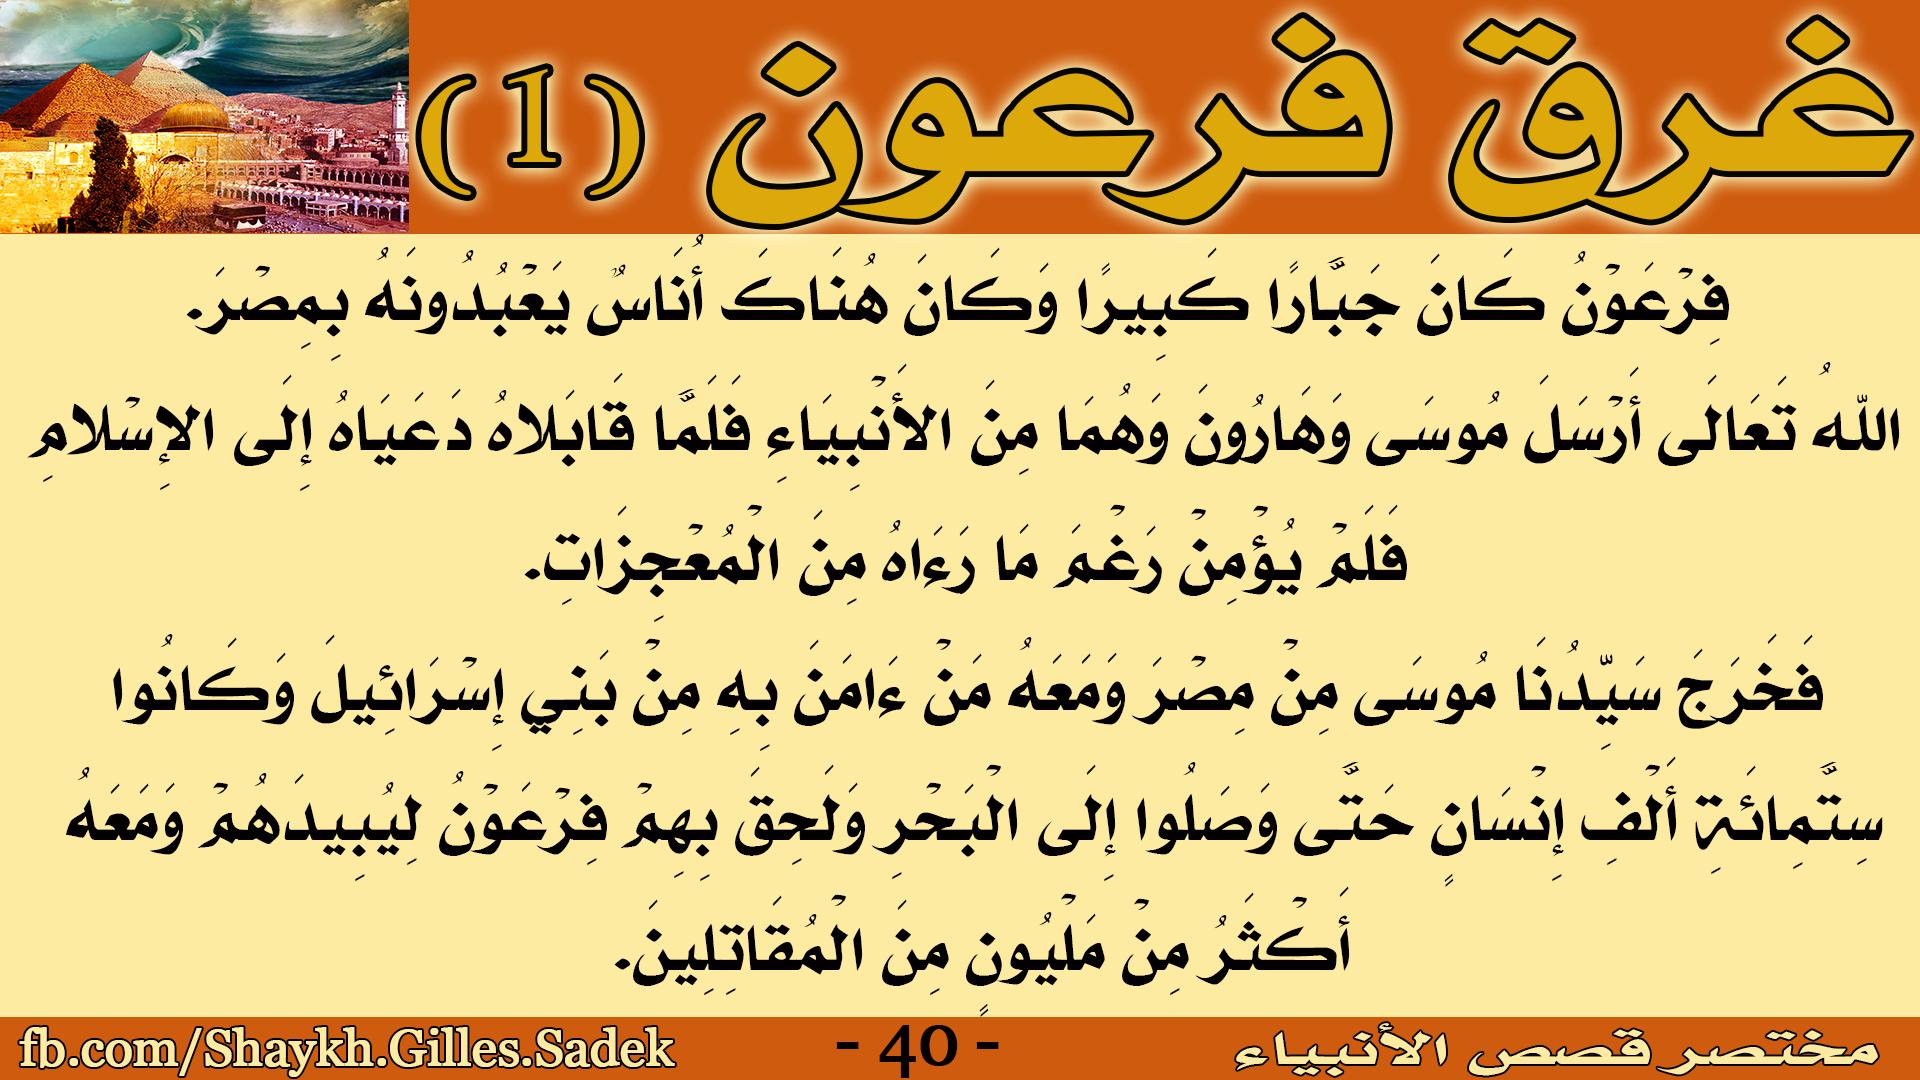 مختصر قصص الأنبياء 40 Fb Com Shaykh Gilles Sadek Whatsapp 12048003381 Www Shaykhgillessadek Com Twitter Shaykhgilles Instagram Sha Arabic Calligraphy San